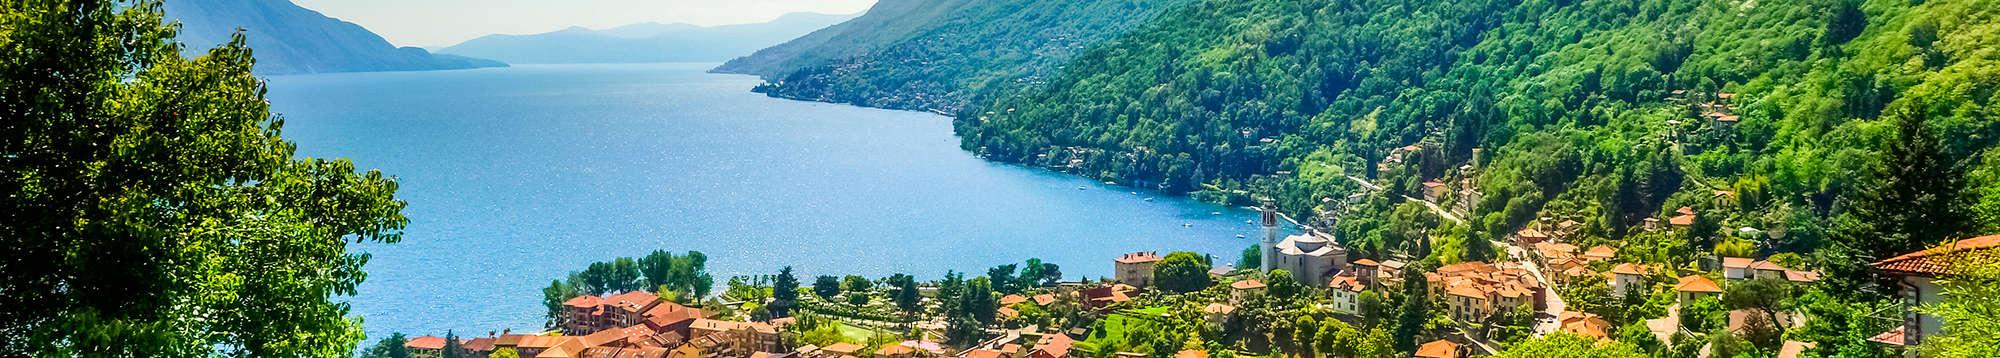 Week end e soggiorni al Lago Maggiore